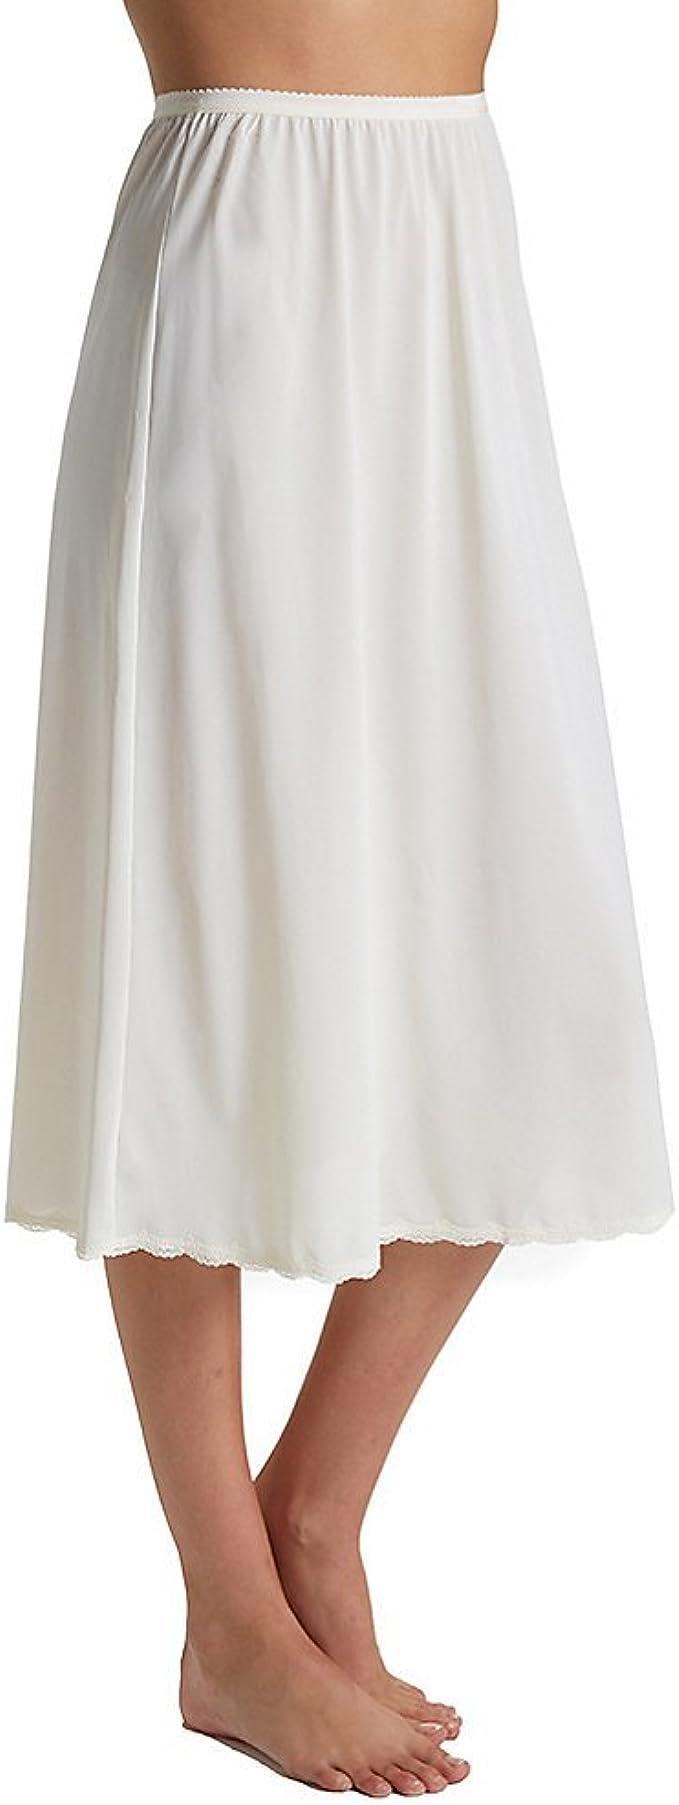 1920s Lingerie History- Underwear, Slip, Bra, Corset Shadowline Womens 30 inch Flare Half Slip 4711630 $20.00 AT vintagedancer.com